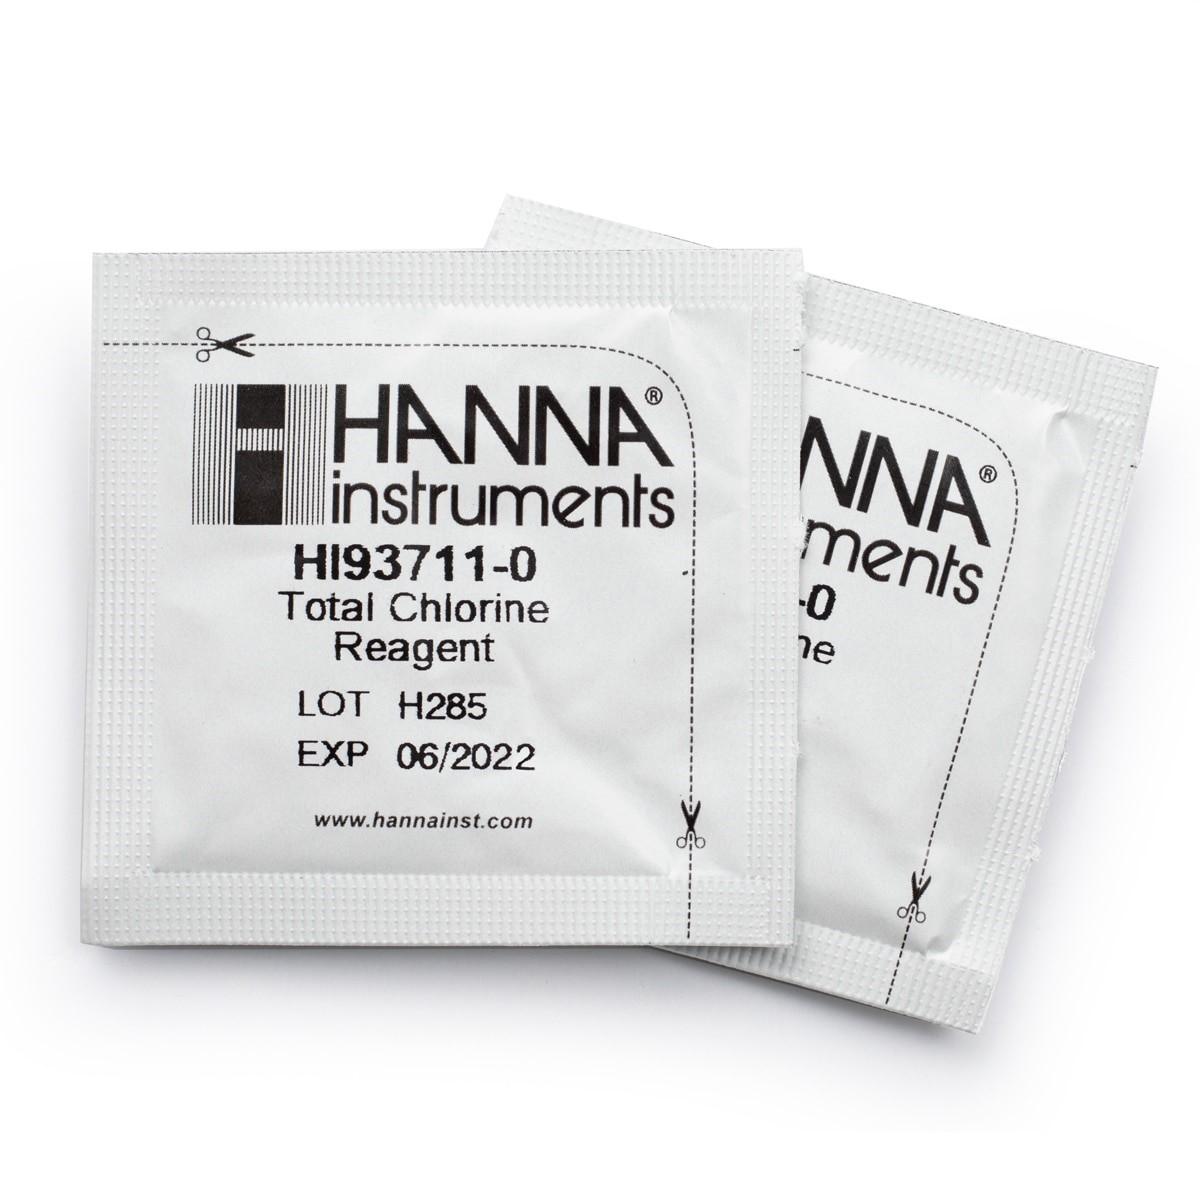 HI93711-01 - Reactivos de cloro total (100 pruebas)